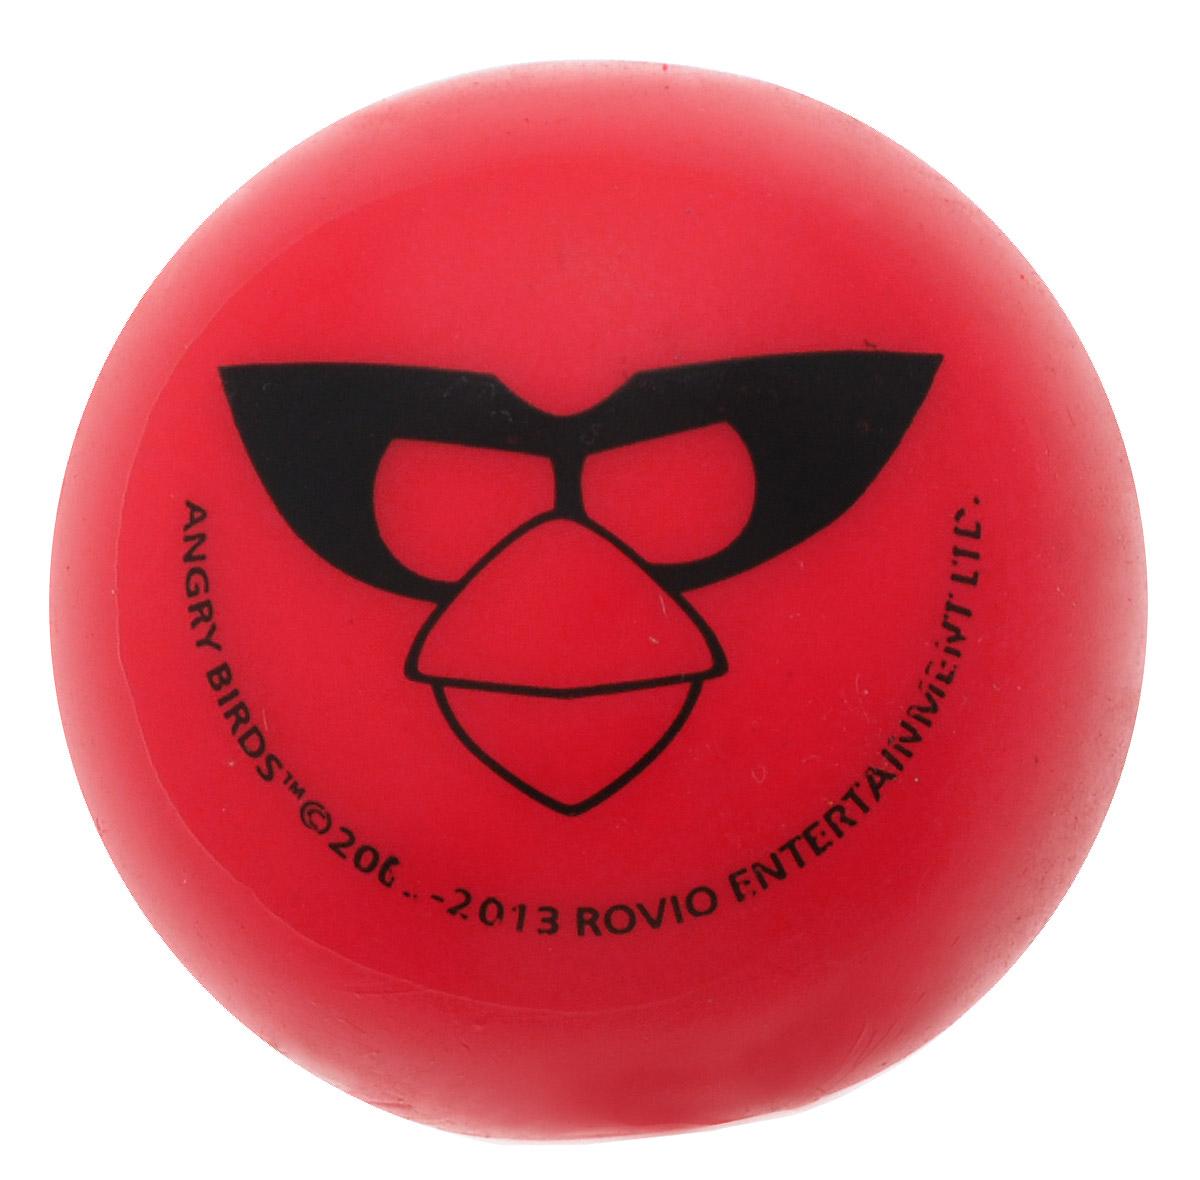 Angry Birds Игрушка-мялка цвет красный35743-0000012-00Игрушка-мялка Angry Birds - это антистрессовая игрушка-мялка, выполненная в виде персонажа всеми любимой игры Angry Birds. Игрушка изготовлена из мягкого полимера, благодаря чему она легко изменяет форму и структуру при приложении к ней физической силы, а затем принимает первоначальный вид. Игрушка-мялка способствует развитию мелкой моторики пальцев рук, развивает творческое мышление, укрепляет кистевые мышцы рук, создает позитивный эмоциональный фон и является замечательным антистрессом. Порадуйте своего ребенка таким замечательным подарком!